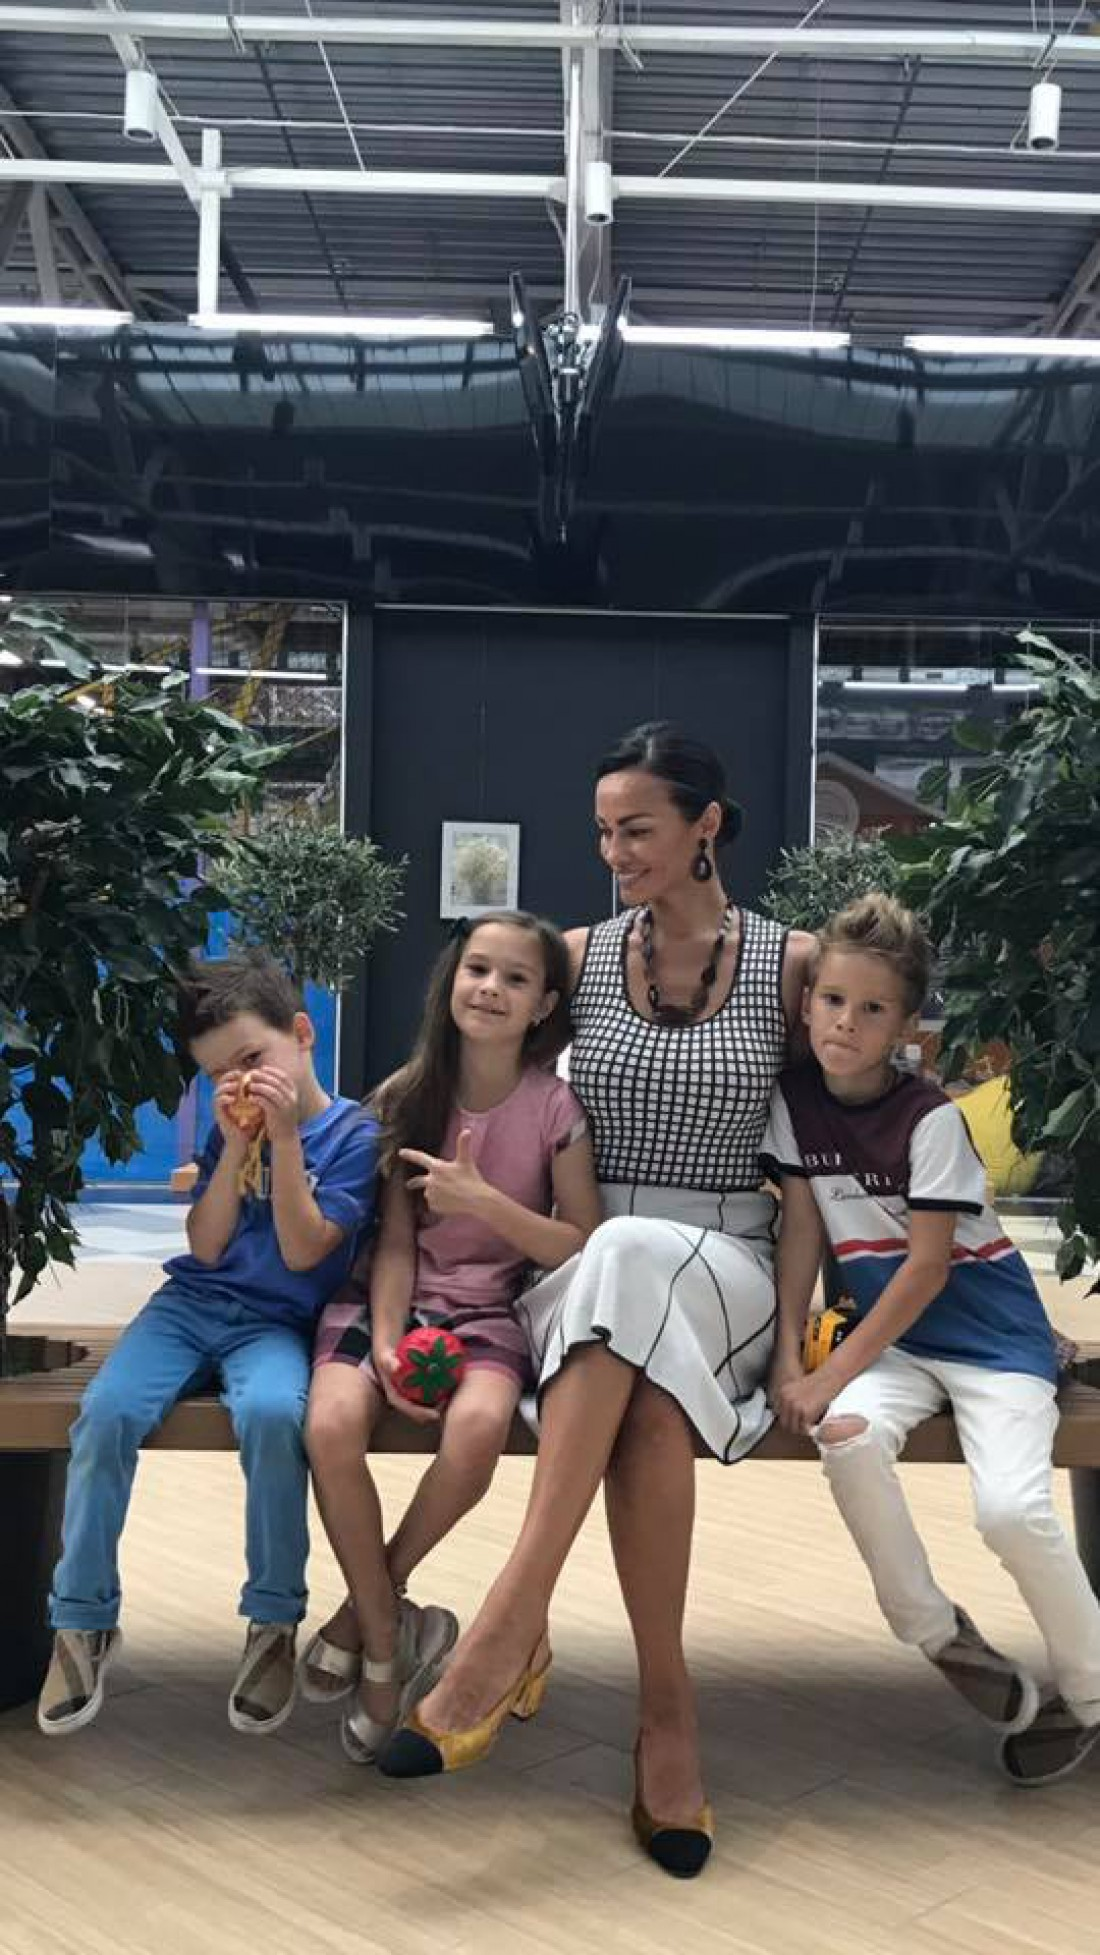 Зоряна Олейник заявила, что дети не от Дениса